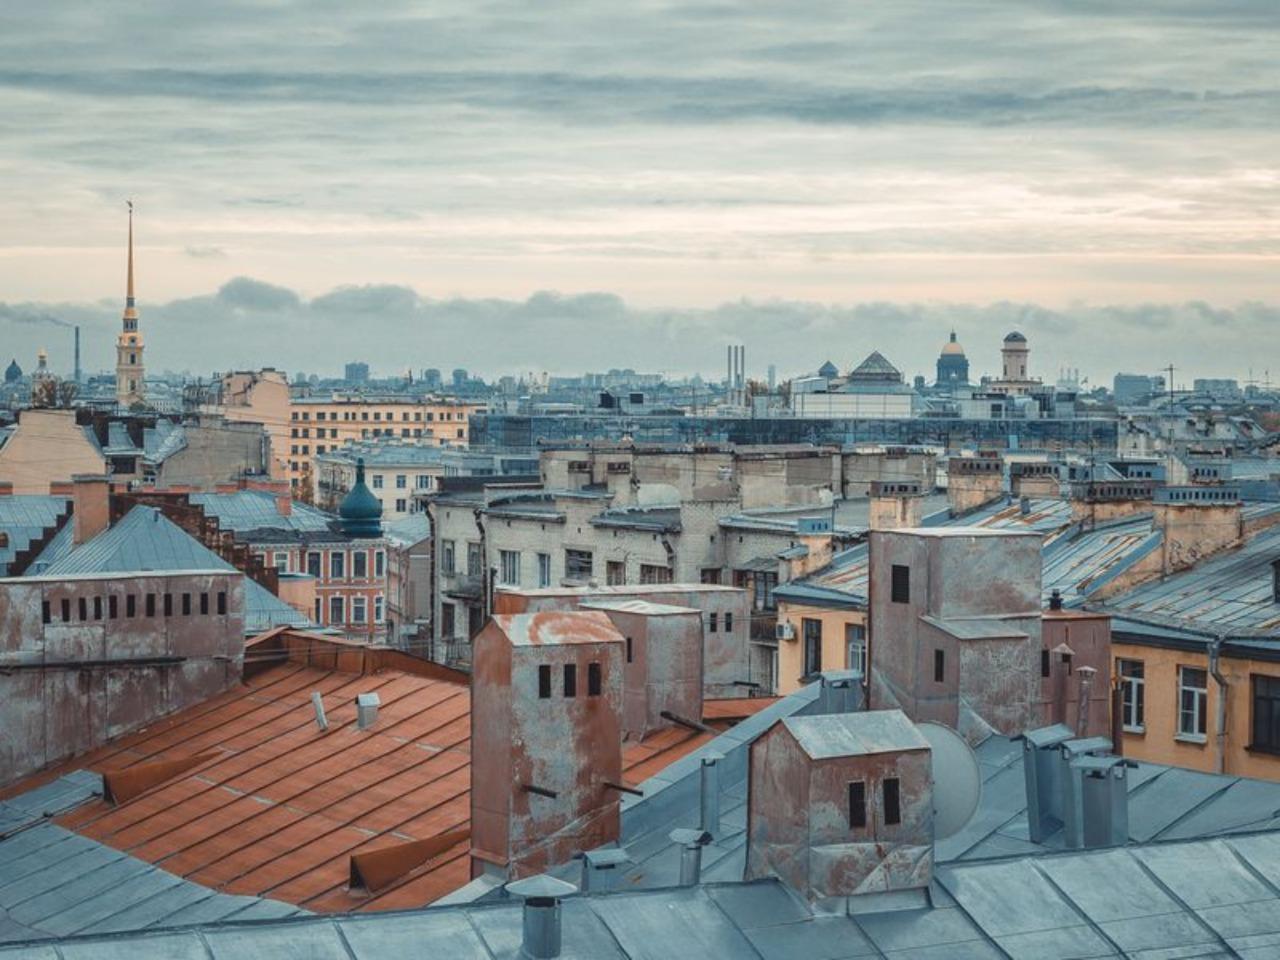 Питер: вид сверху - групповая экскурсия по Санкт-Петербургу от опытного гида